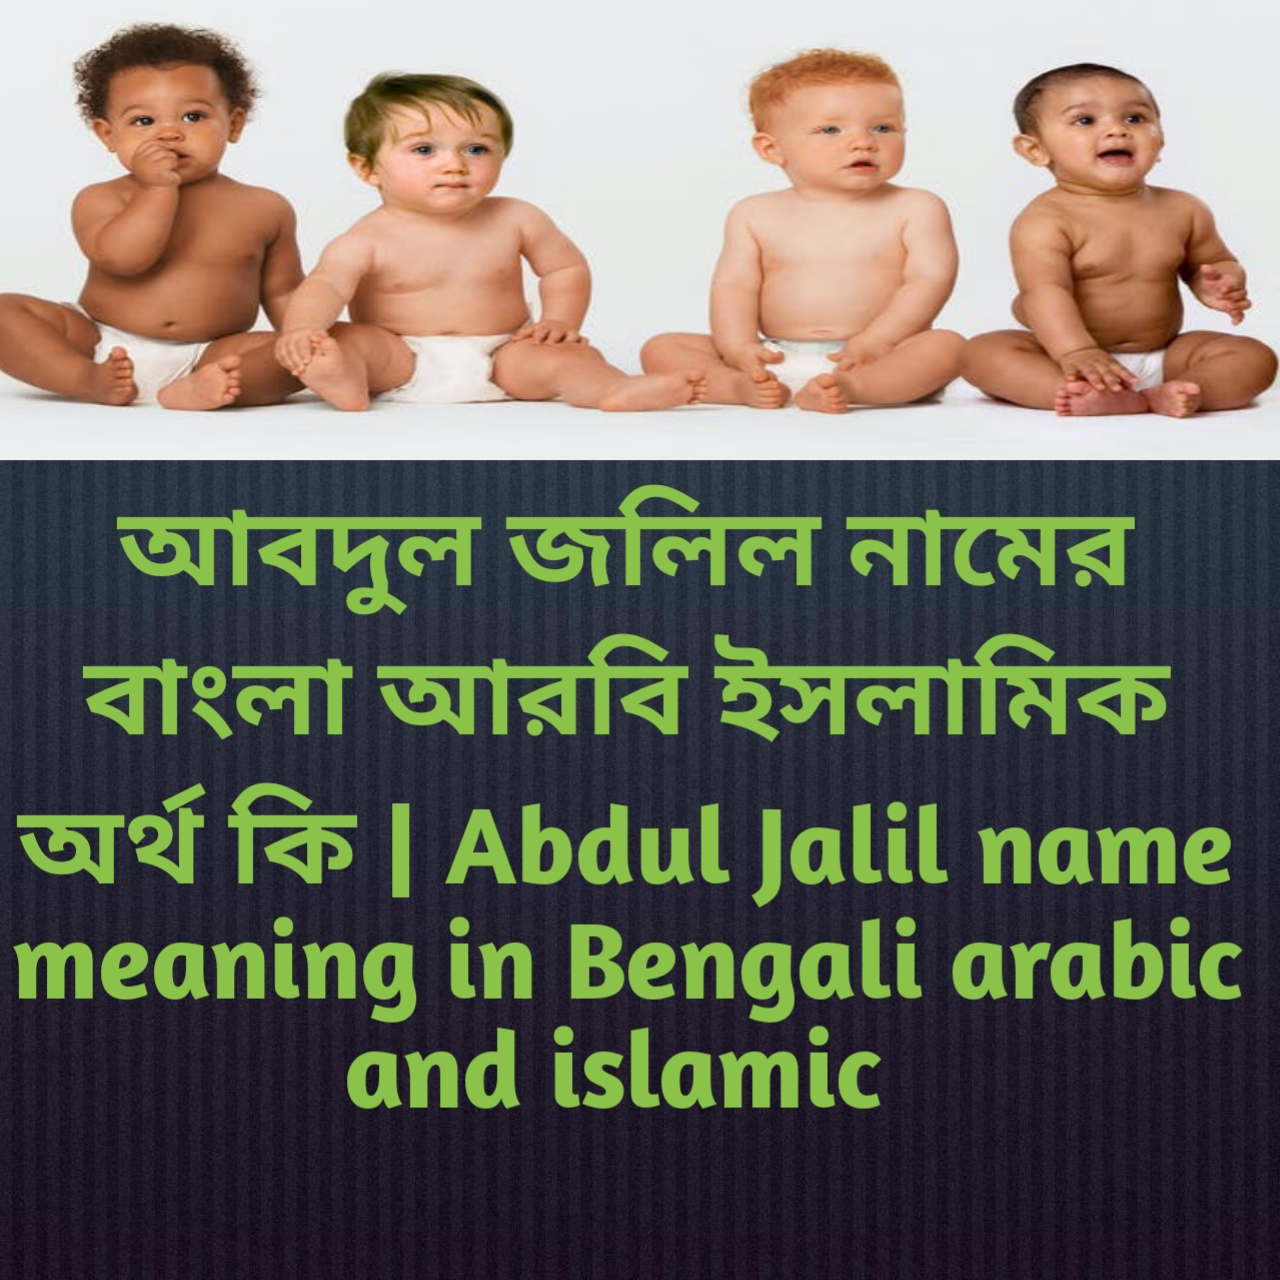 আবদুল জলিল নামের অর্থ কি, আবদুল জলিল নামের বাংলা অর্থ কি, আবদুল জলিল নামের ইসলামিক অর্থ কি, Abdul Jalil name meaning in Bengali, আবদুল জলিল কি ইসলামিক নাম,